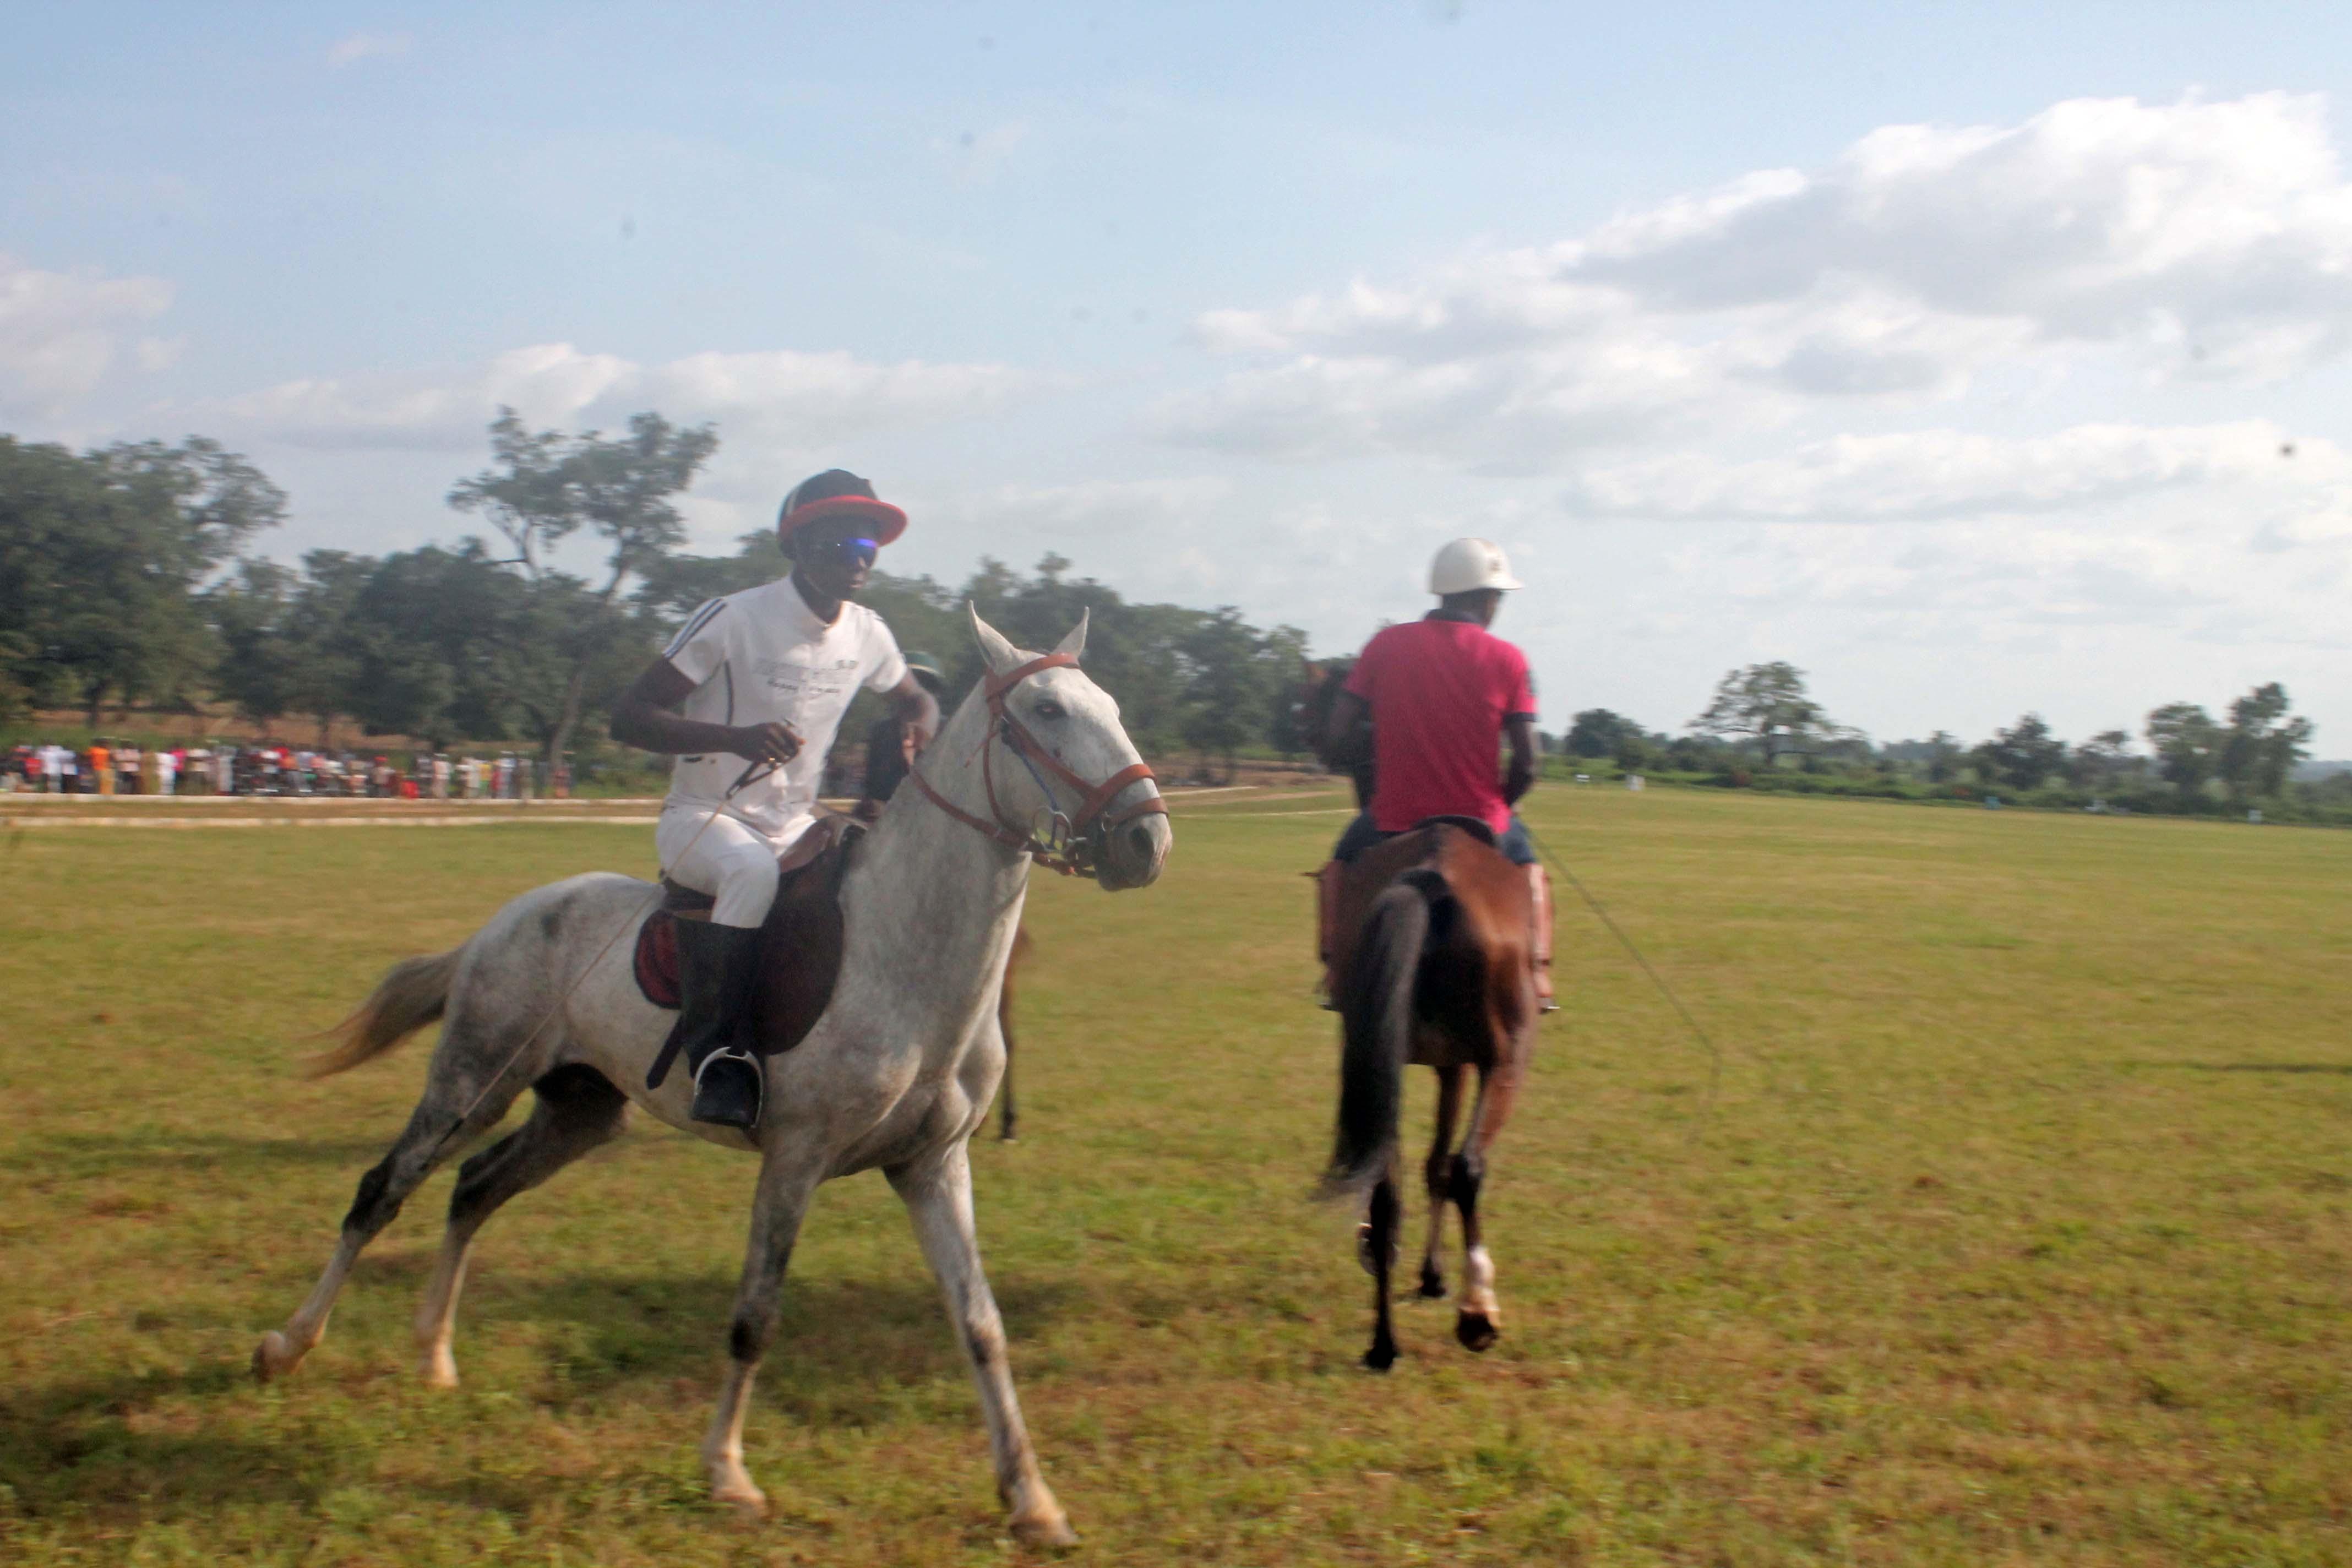 Emirates Polo Competition Keffi Nigeria